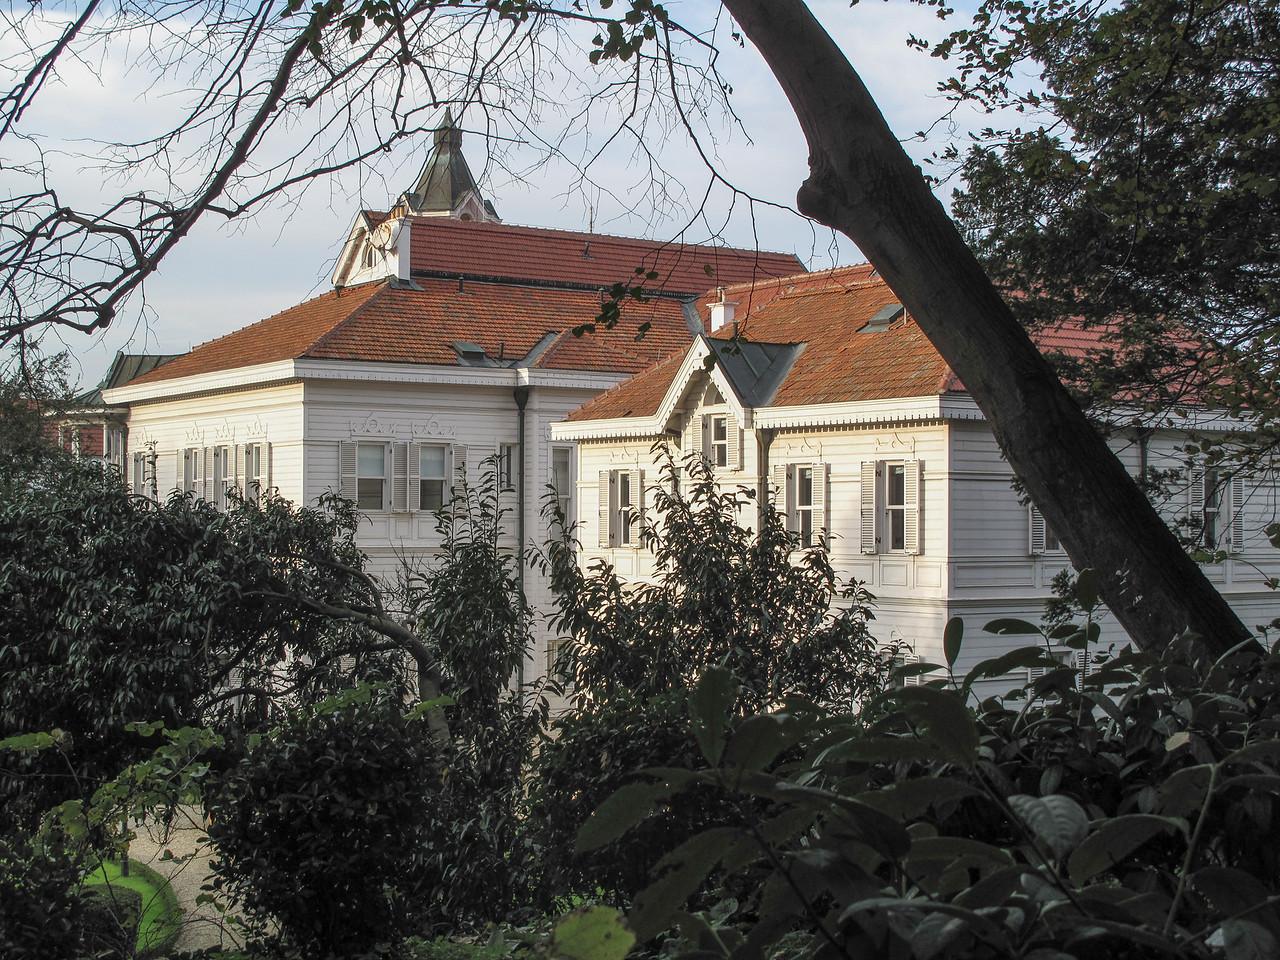 German's Bosphorus Summer Residence